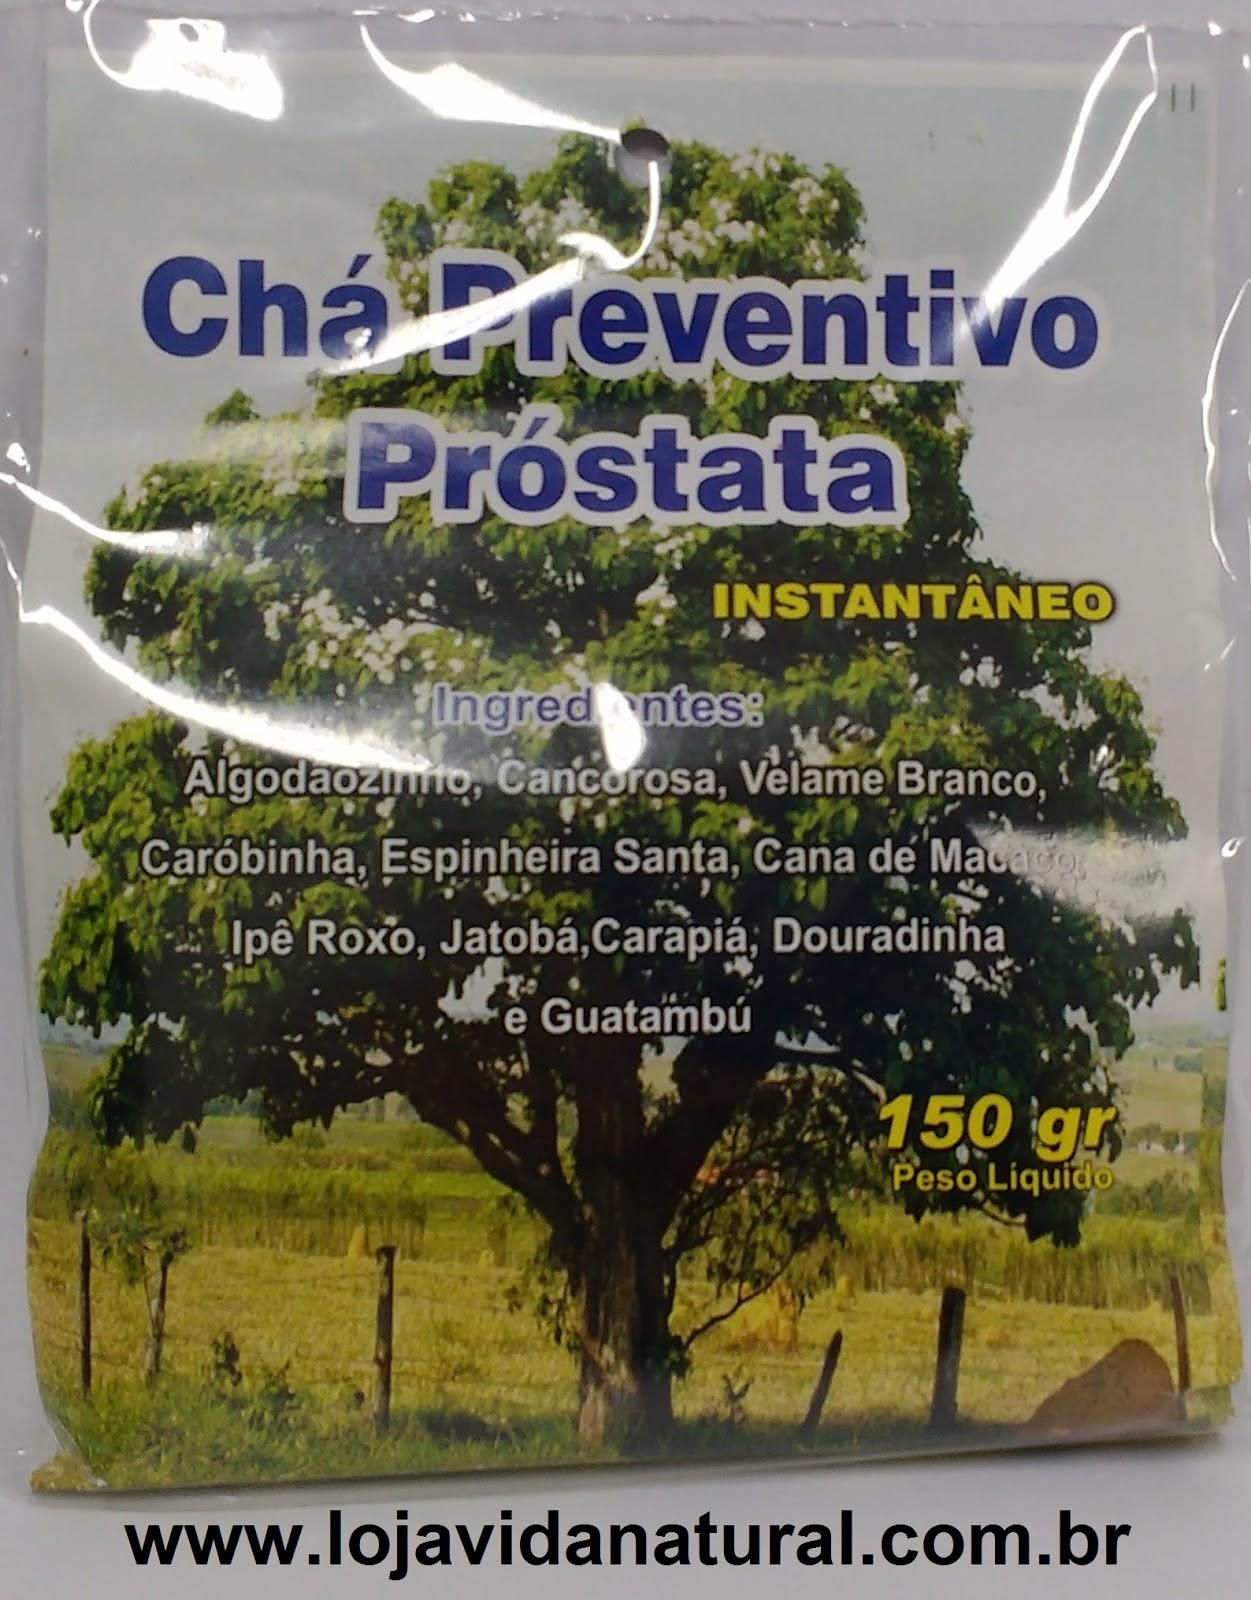 Chá Solúvel Preventivo Próstata 150g